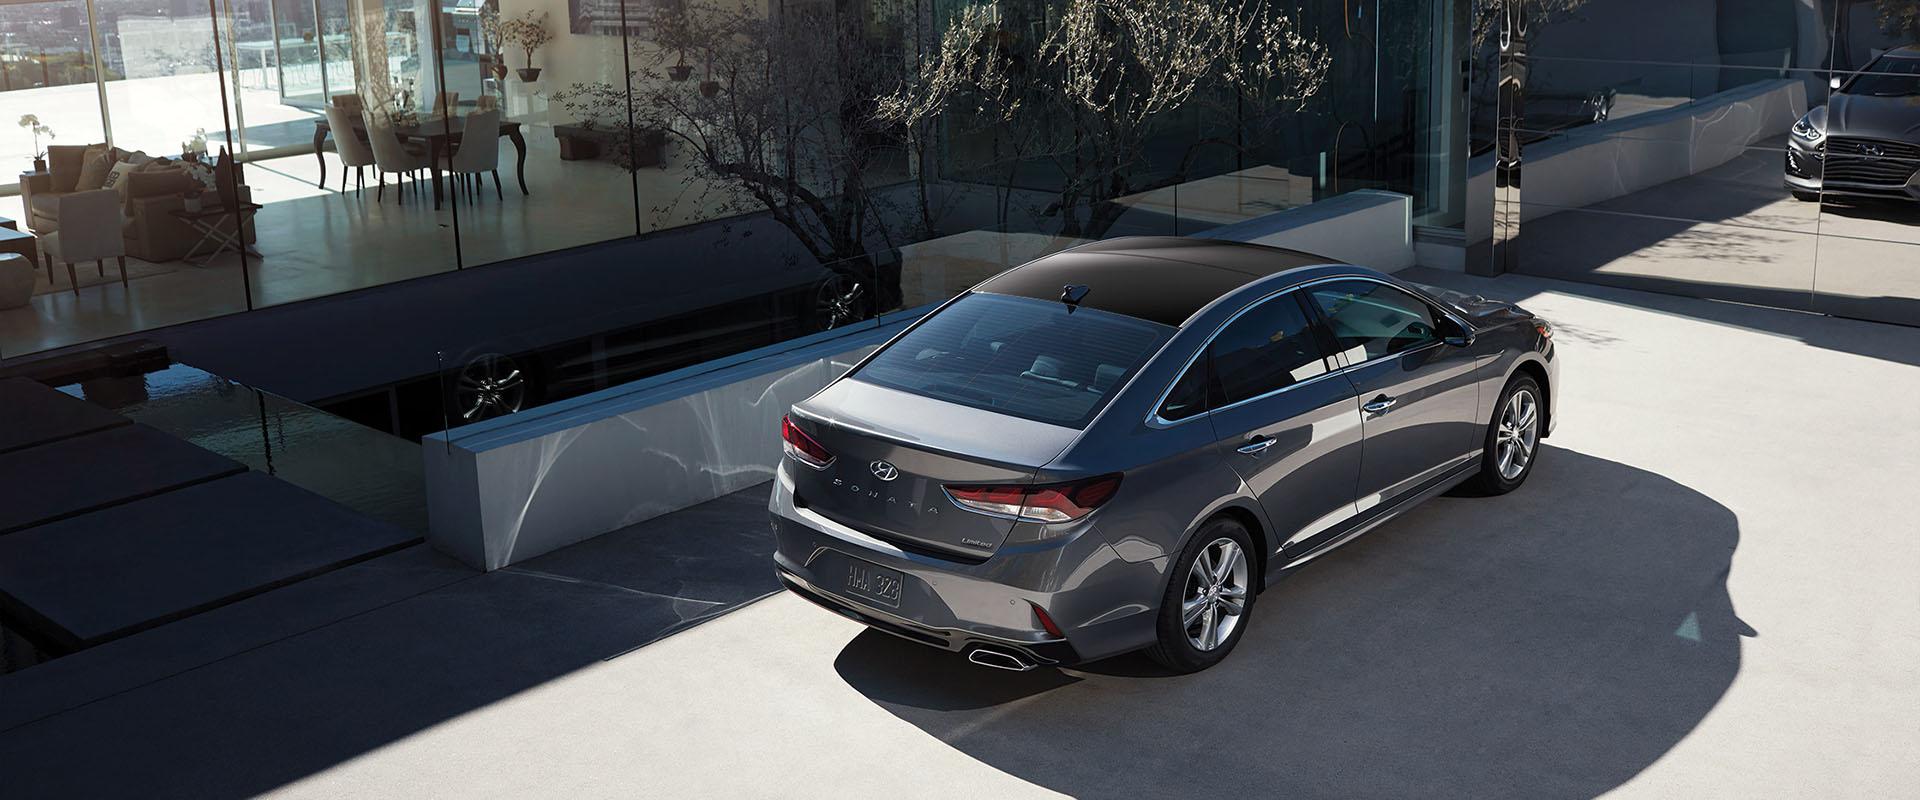 Check out the new 2018 Hyundai Sonata at Pathway Hyundai in Ottawa ON